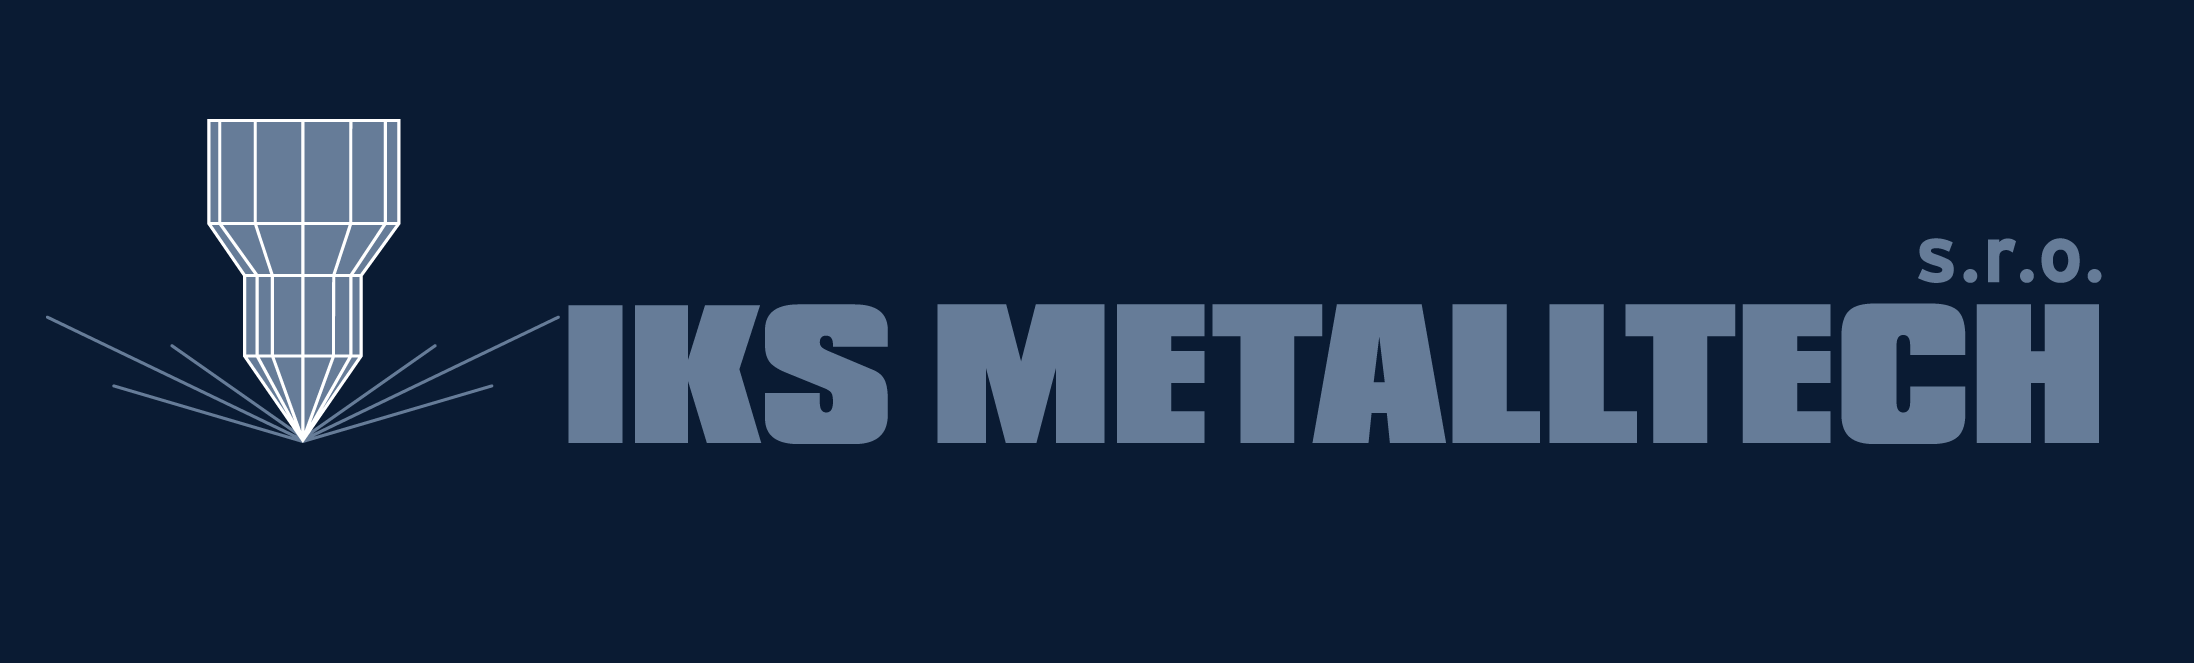 IKS Metalltech